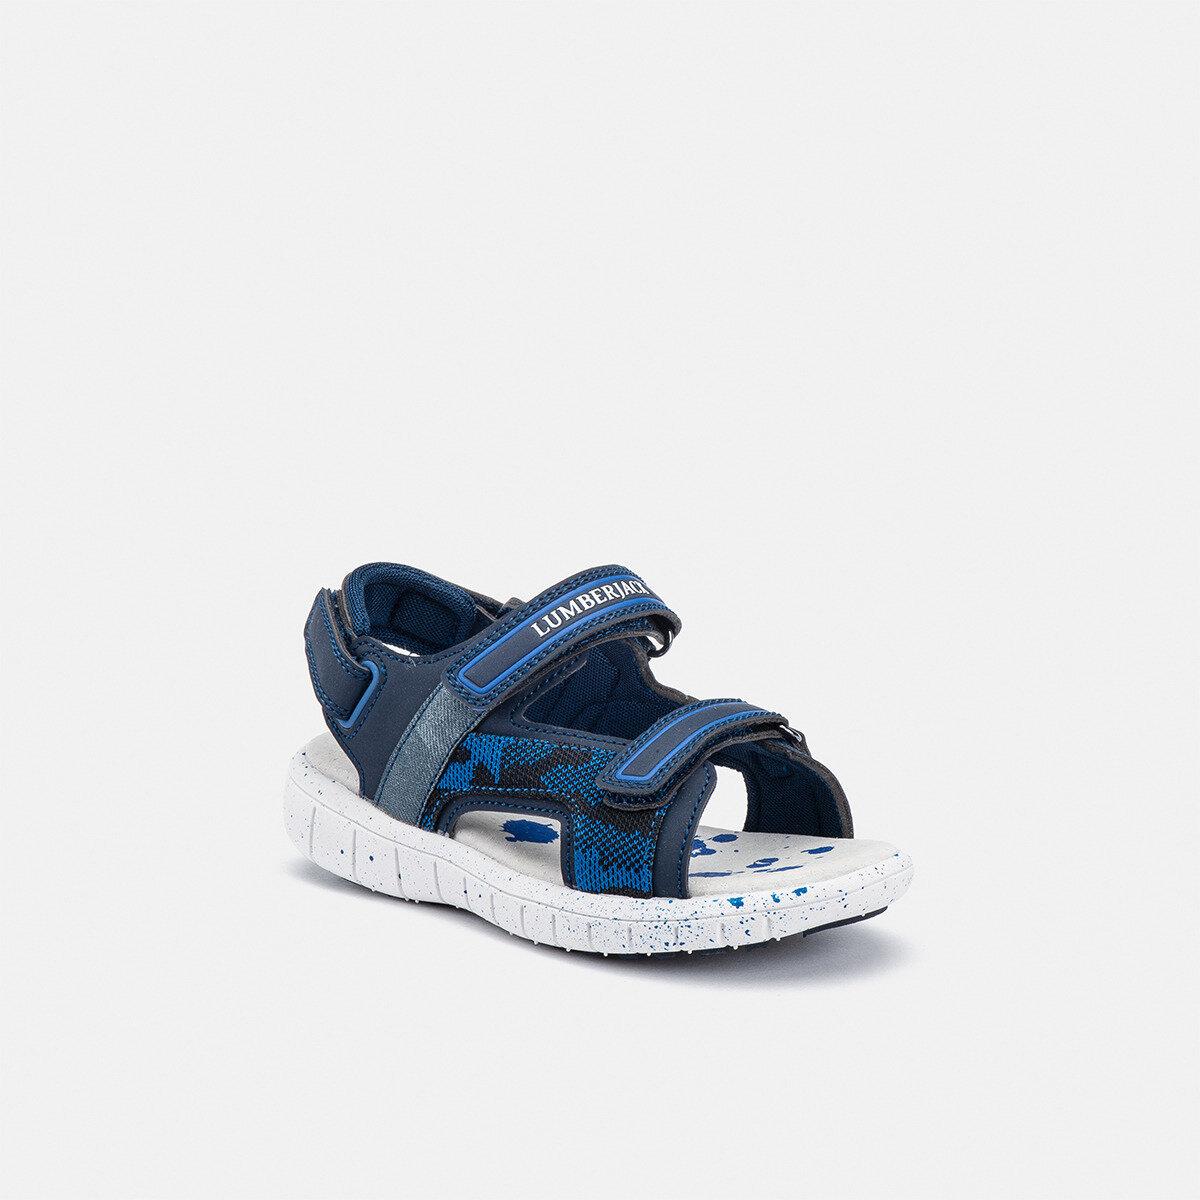 SPONGY NAVY BLUE Boy Sandals